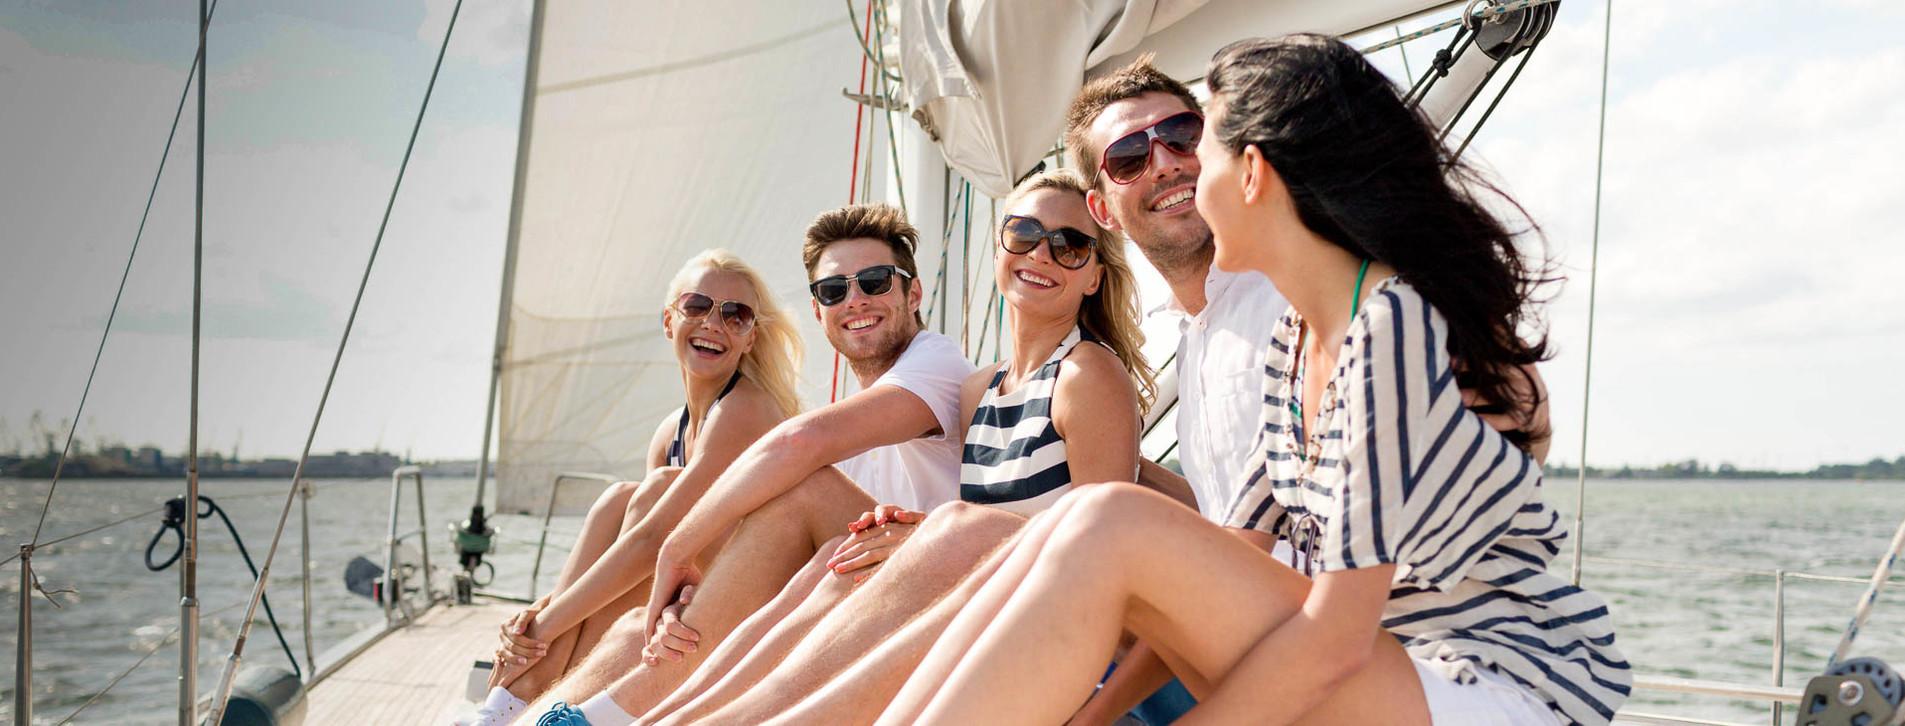 Фото 1 - Большая яхта с друзьями